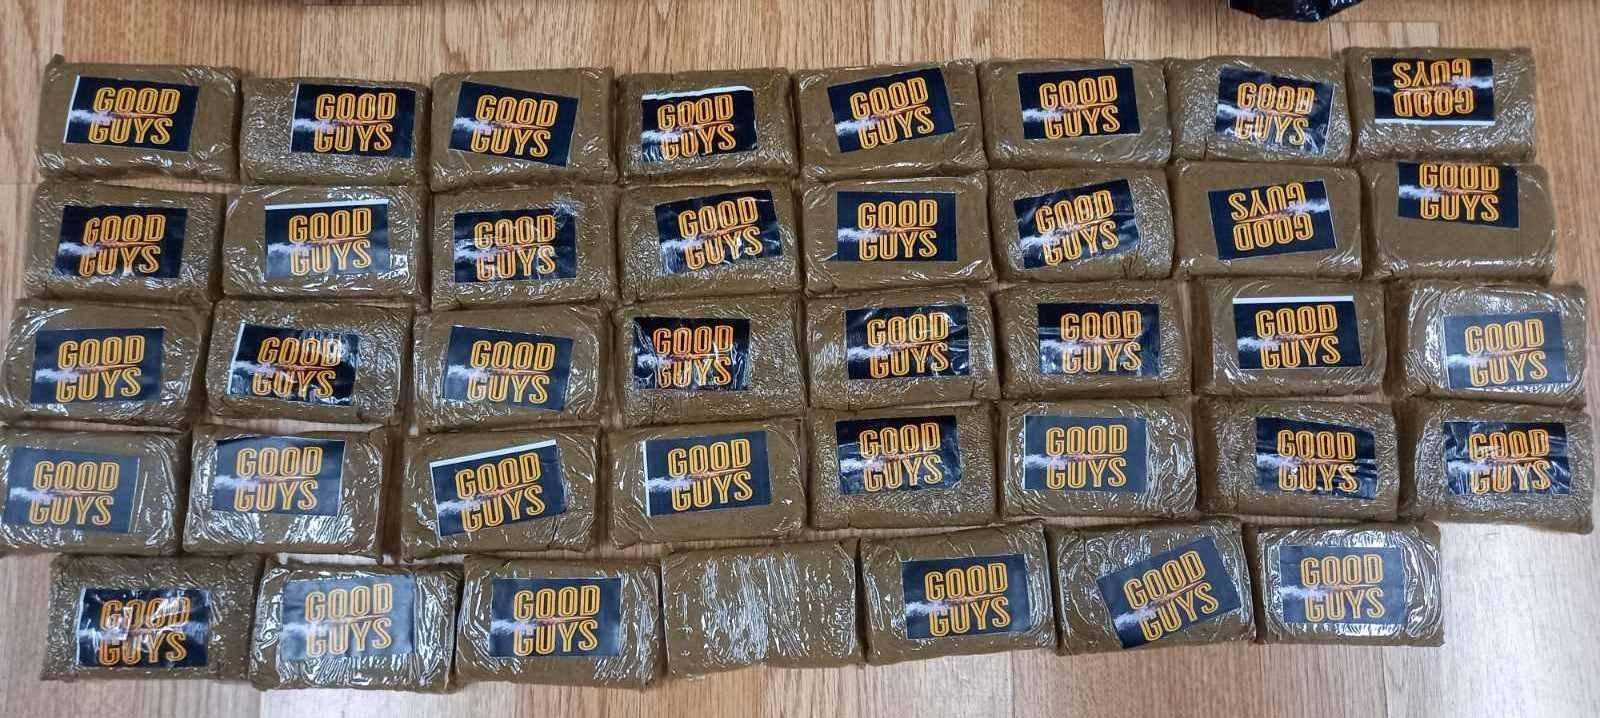 Πάτρα: Προσπάθησε να περάσει 58 κιλά ναρκωτικά μέσα σε… κούτες από πλακάκια! (pics)